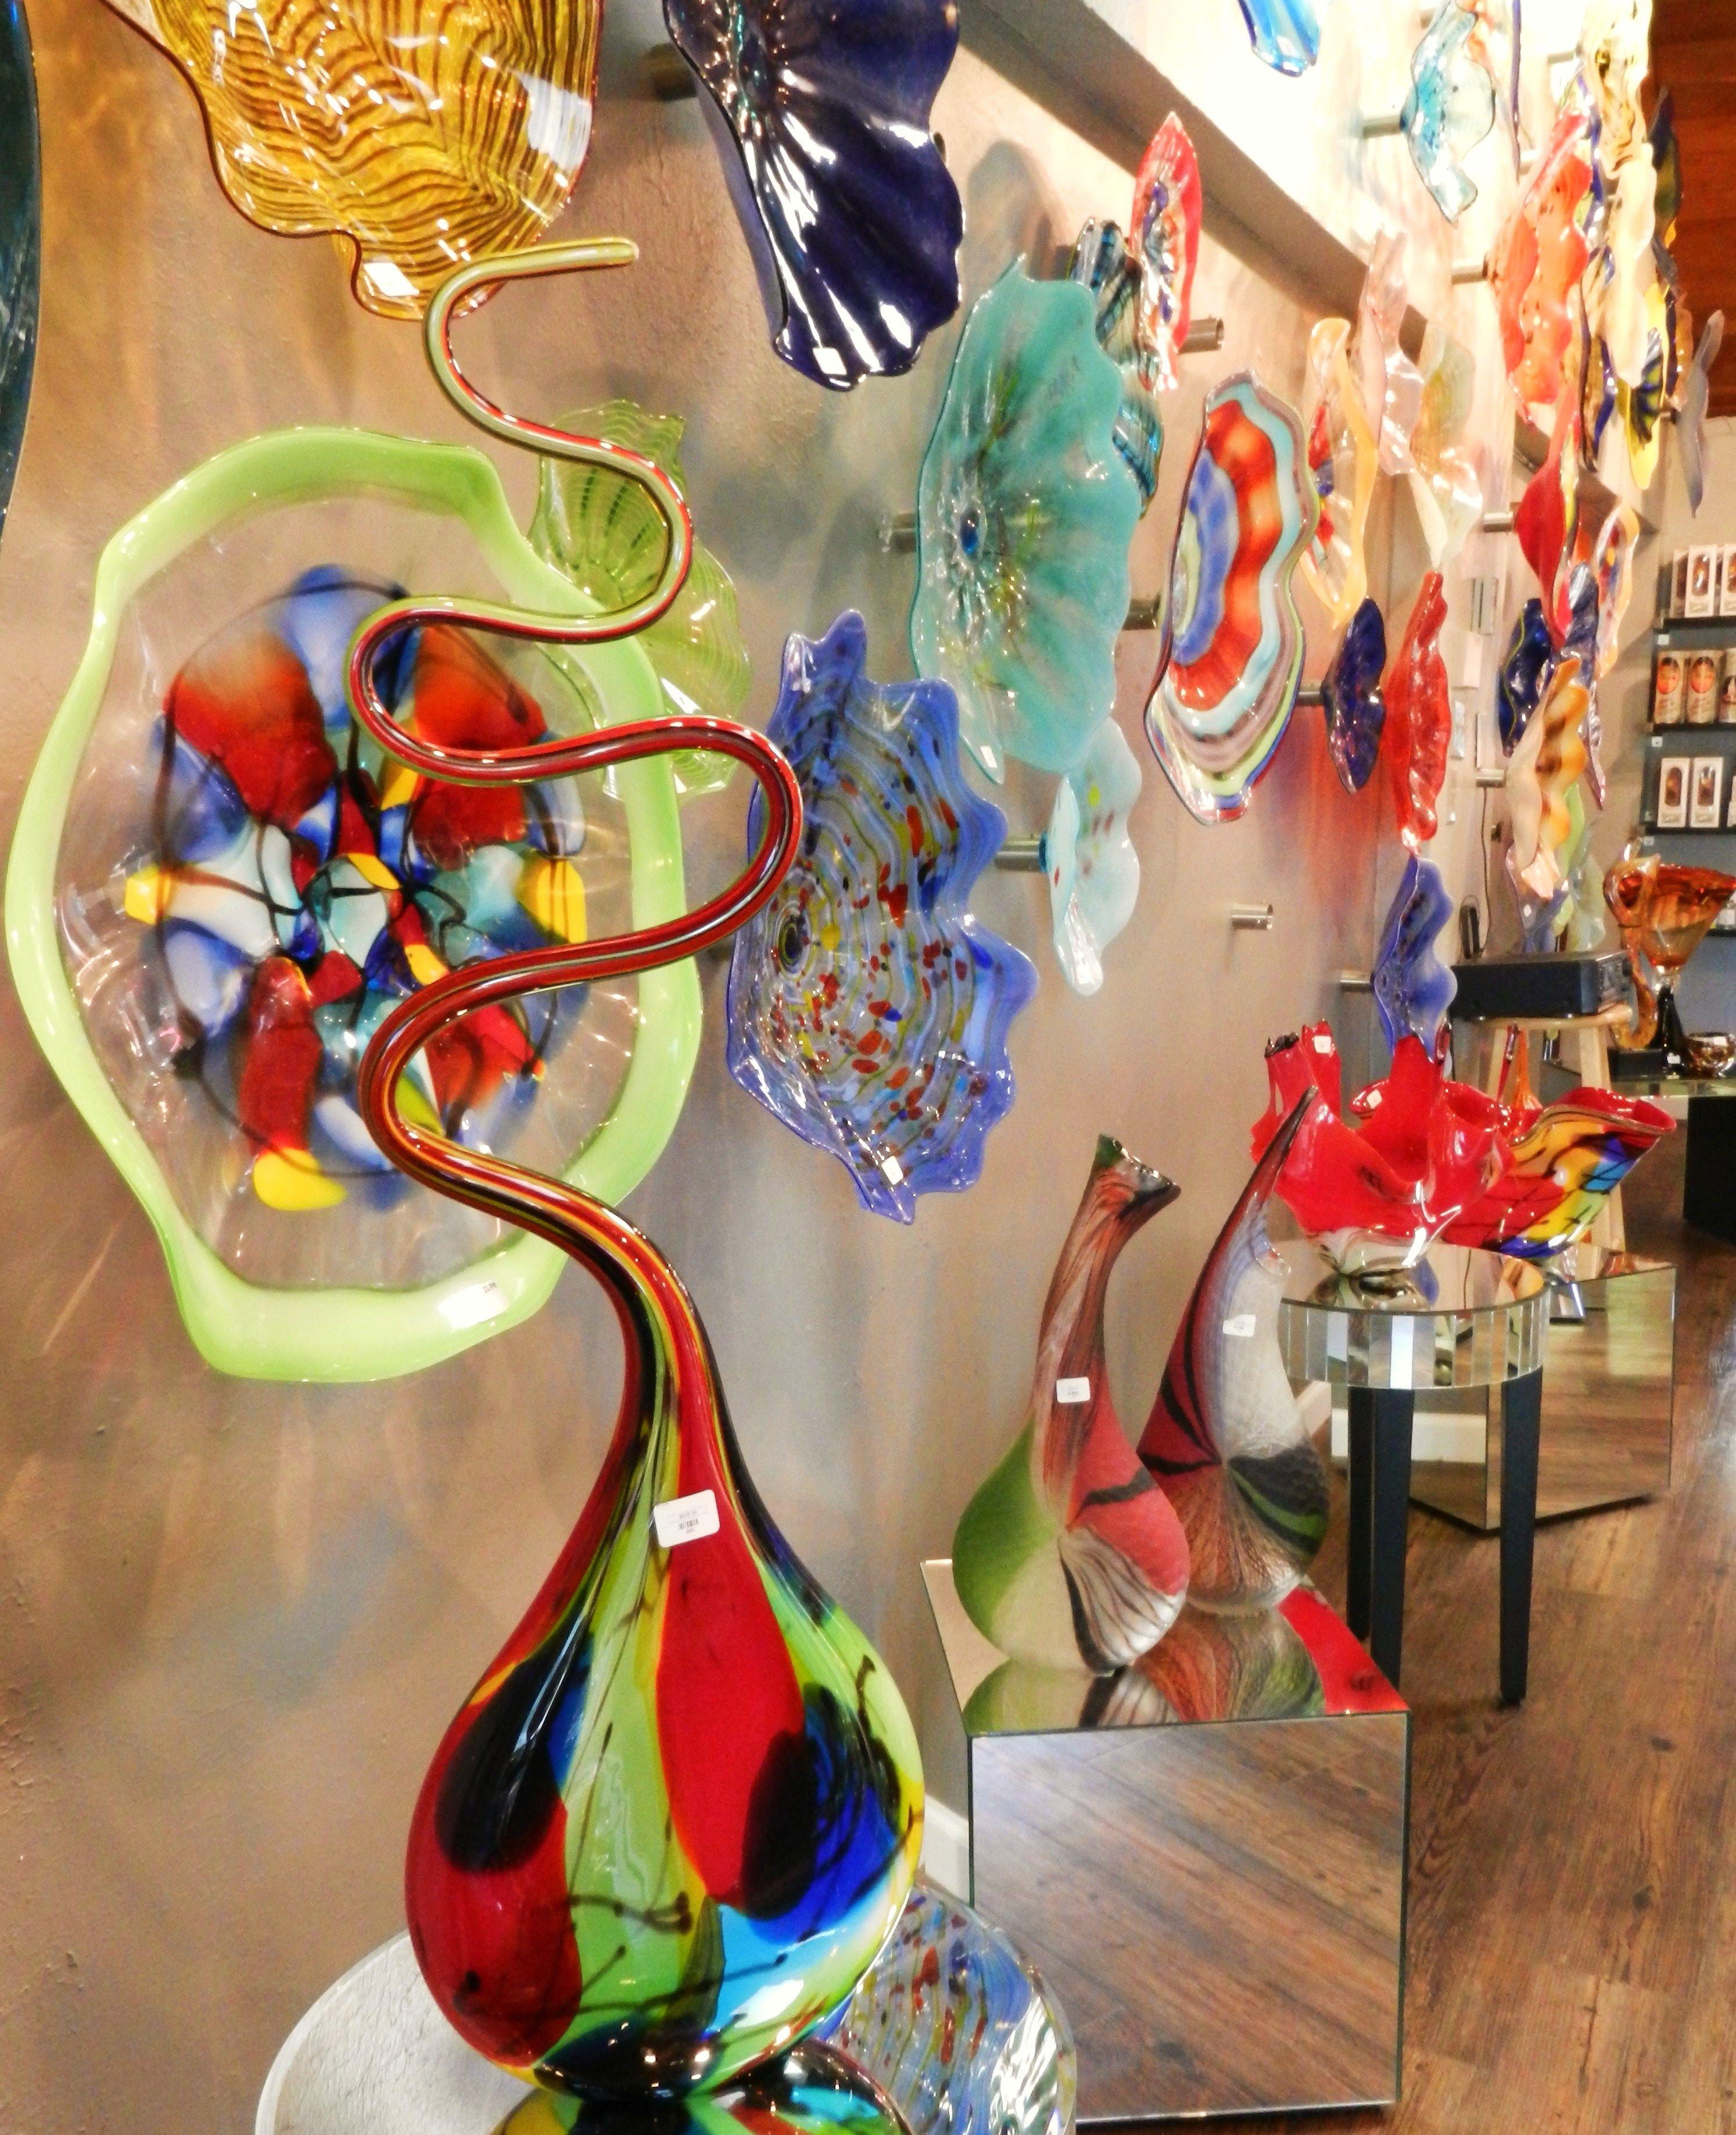 Blown Glass Wall Art Sculptures Flowers Rondels At Blown Art Glass Recycled Bottle Glass Pottery Blown Glass Wall Art Wall Sculpture Art Glass Wall Art